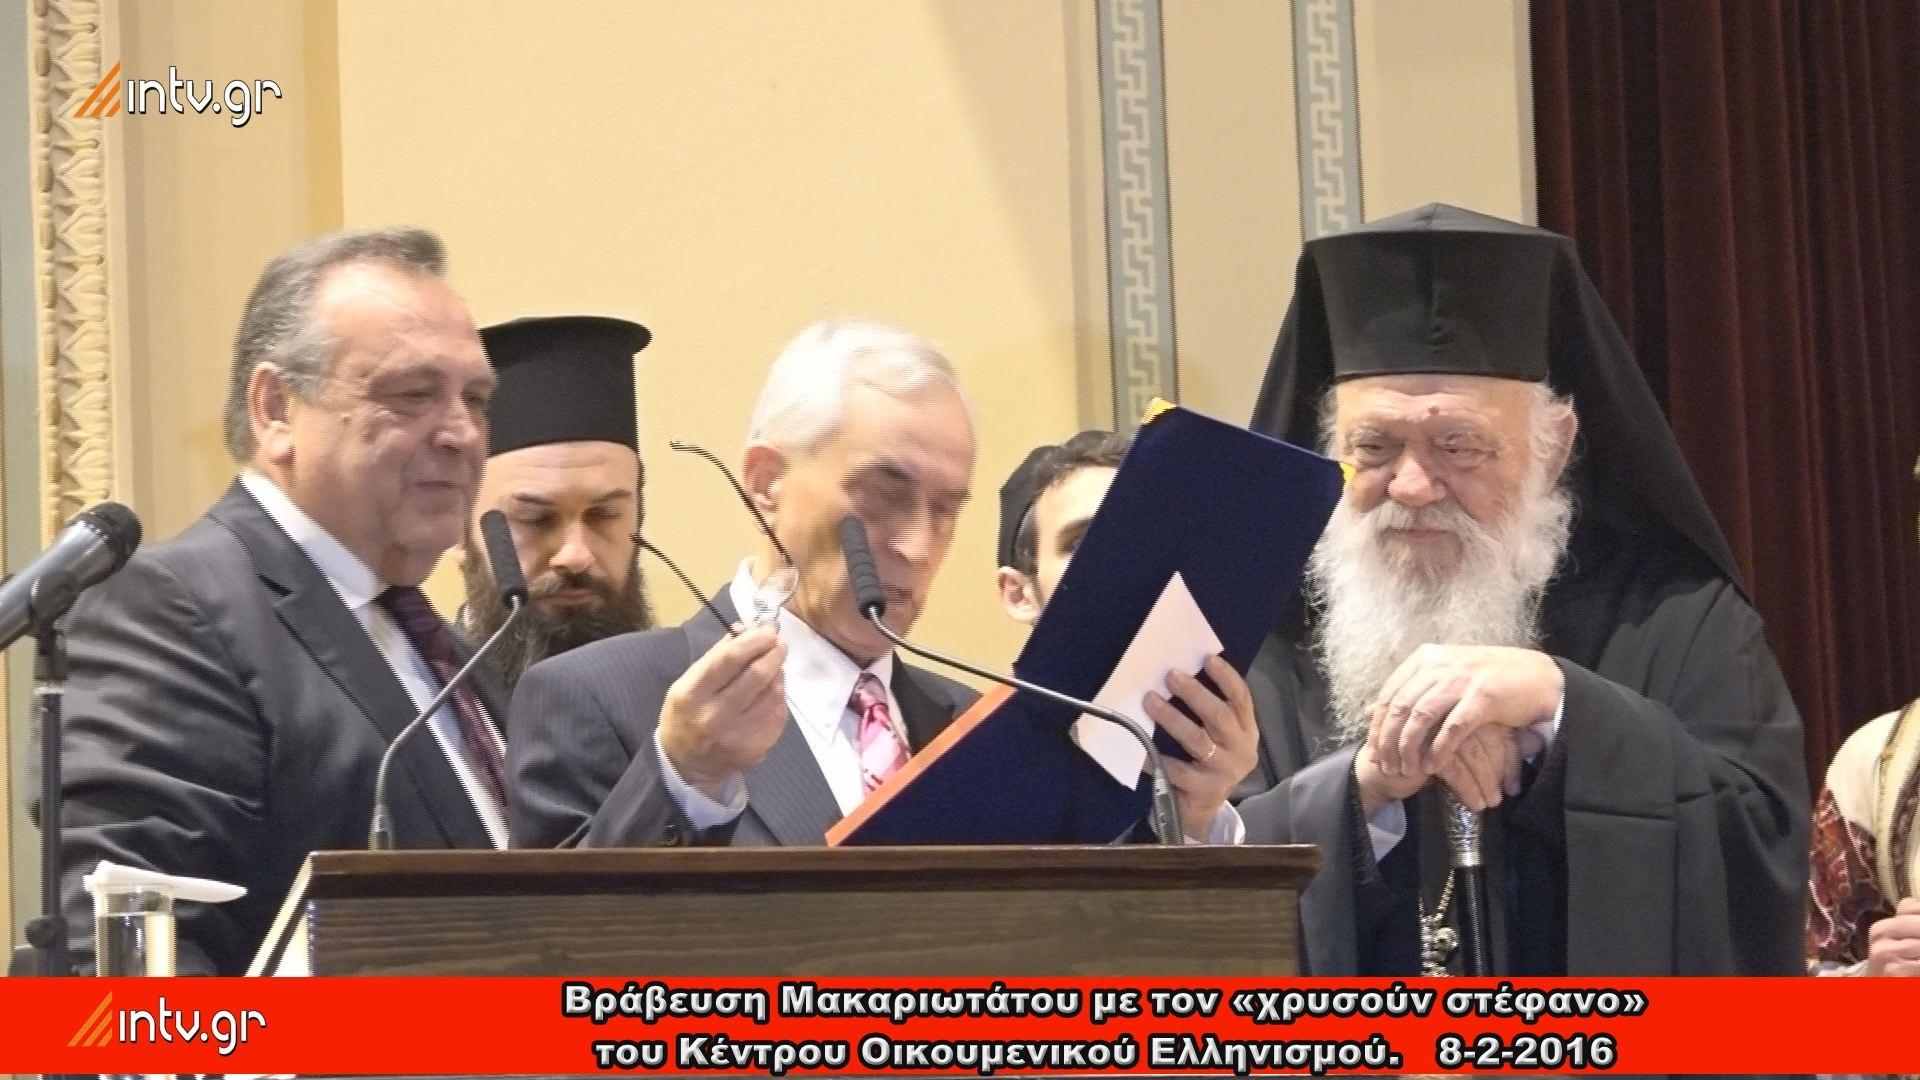 Βράβευση Μακαριωτάτου με τον «χρυσούν στέφανο» του Κέντρου Οικουμενικού Ελληνισμού